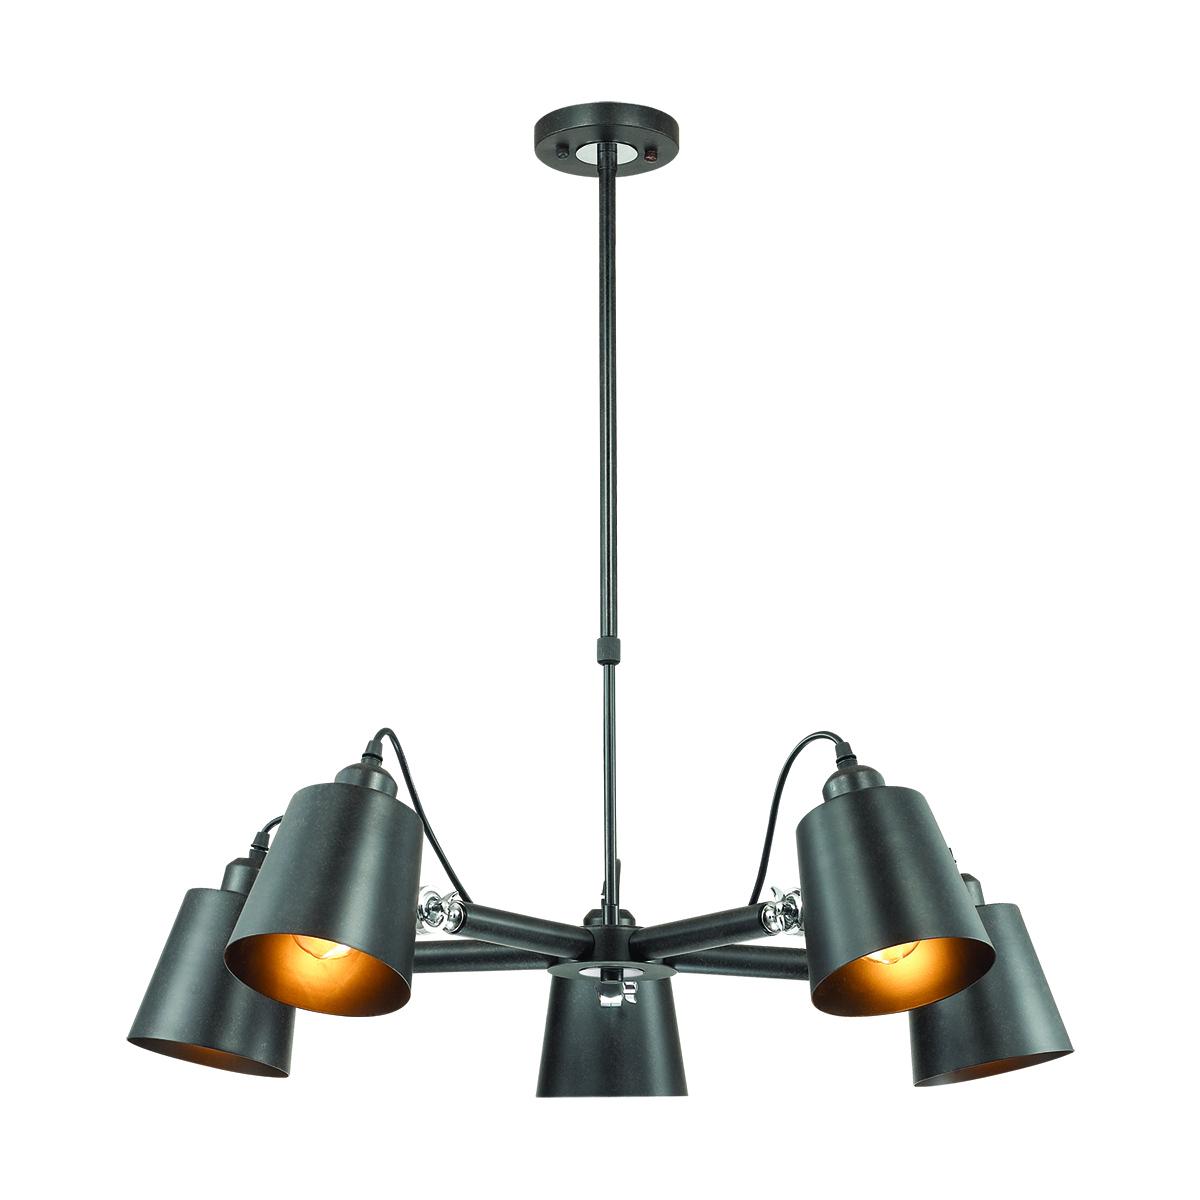 Подвесная люстра с регулировкой направления света Lumion Neropius 3532/5C, 5xE27x60W, хром, черный, металл - фото 1